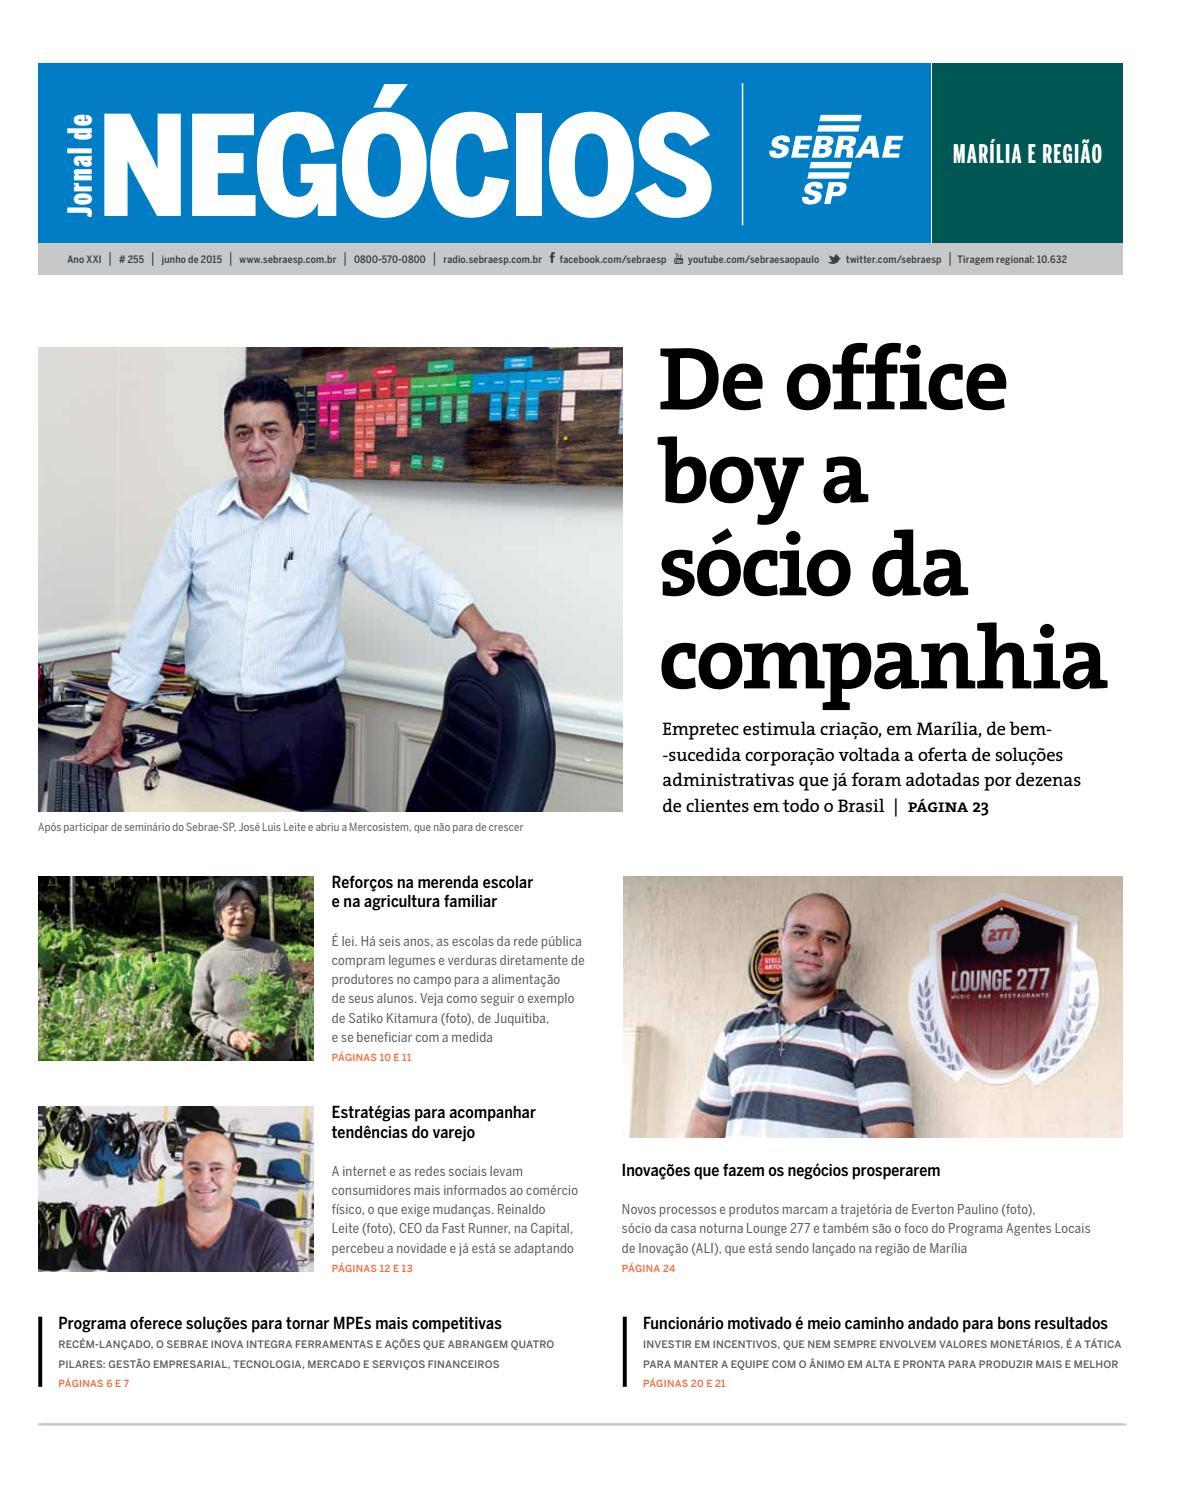 50e67f23ec7 Jornal de Negócios Sebrae-SP - 01 de junho de 2015 - Marília e Região by  Sebrae-SP - issuu